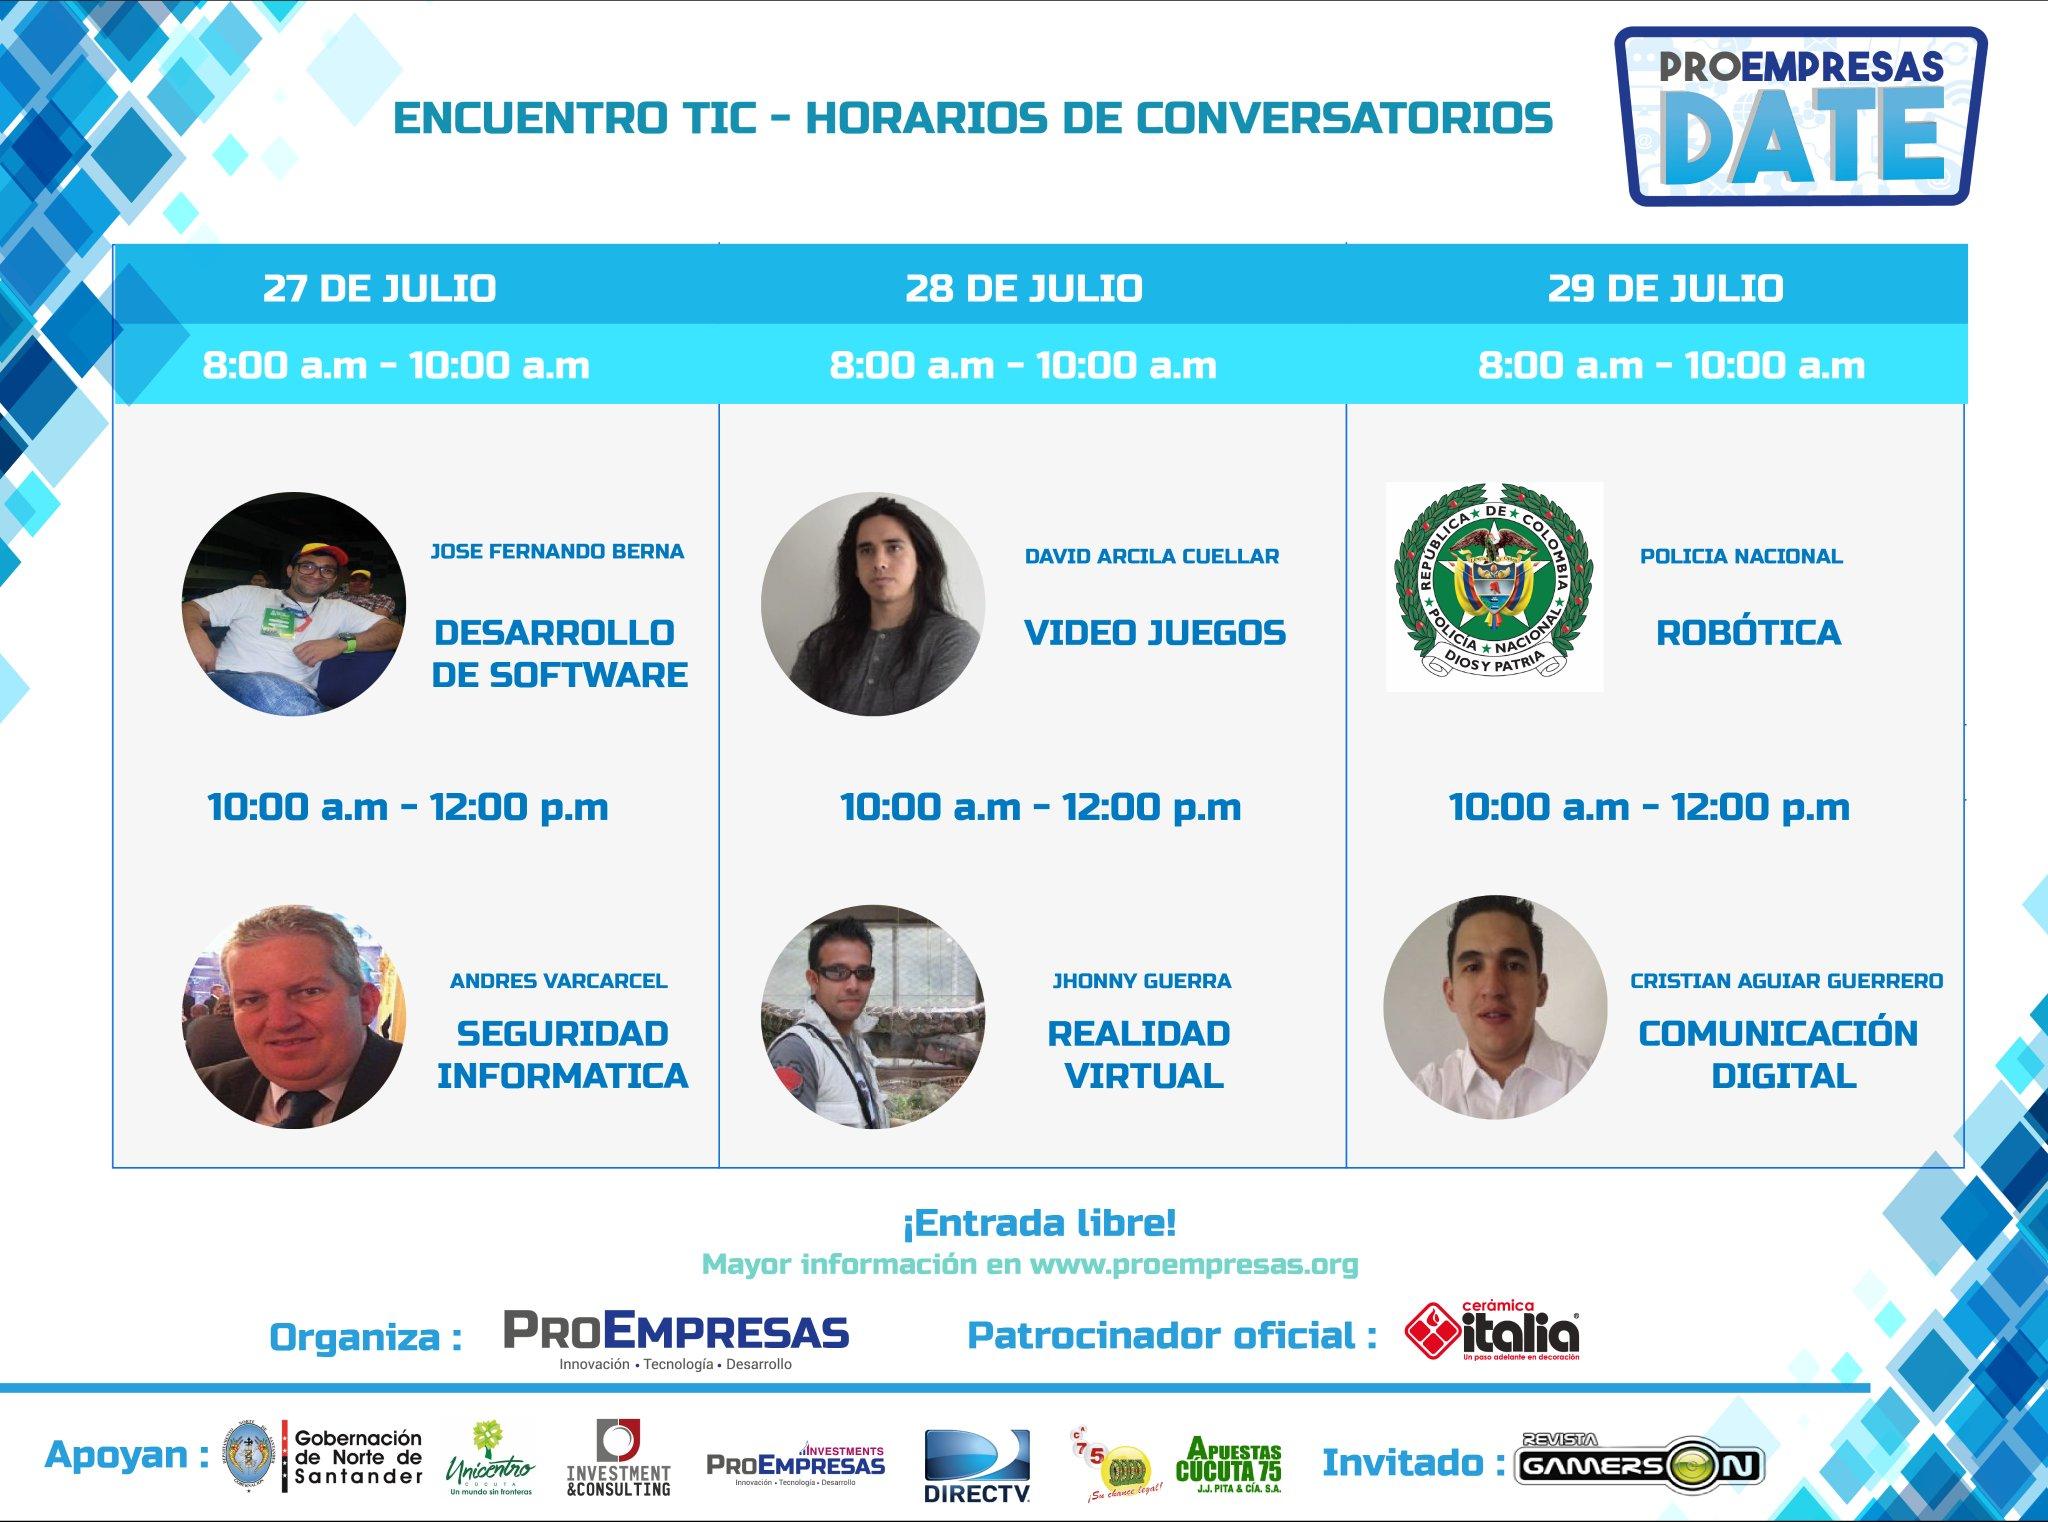 (Español) Comunicación Digital en el Encuentro TIC Norte de Santander